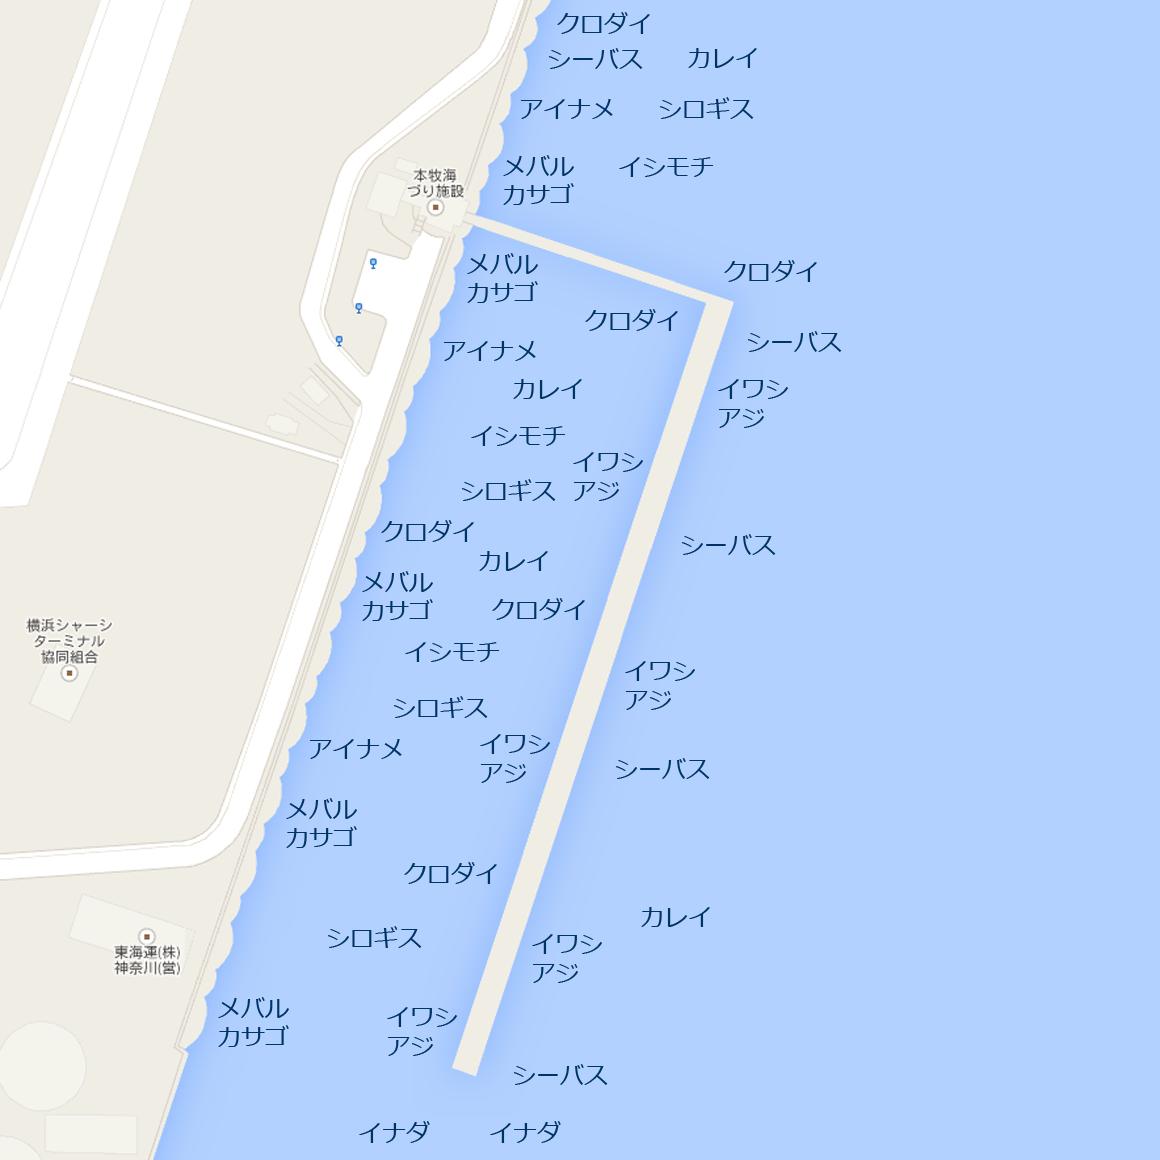 釣りマップ 本牧海づり施設